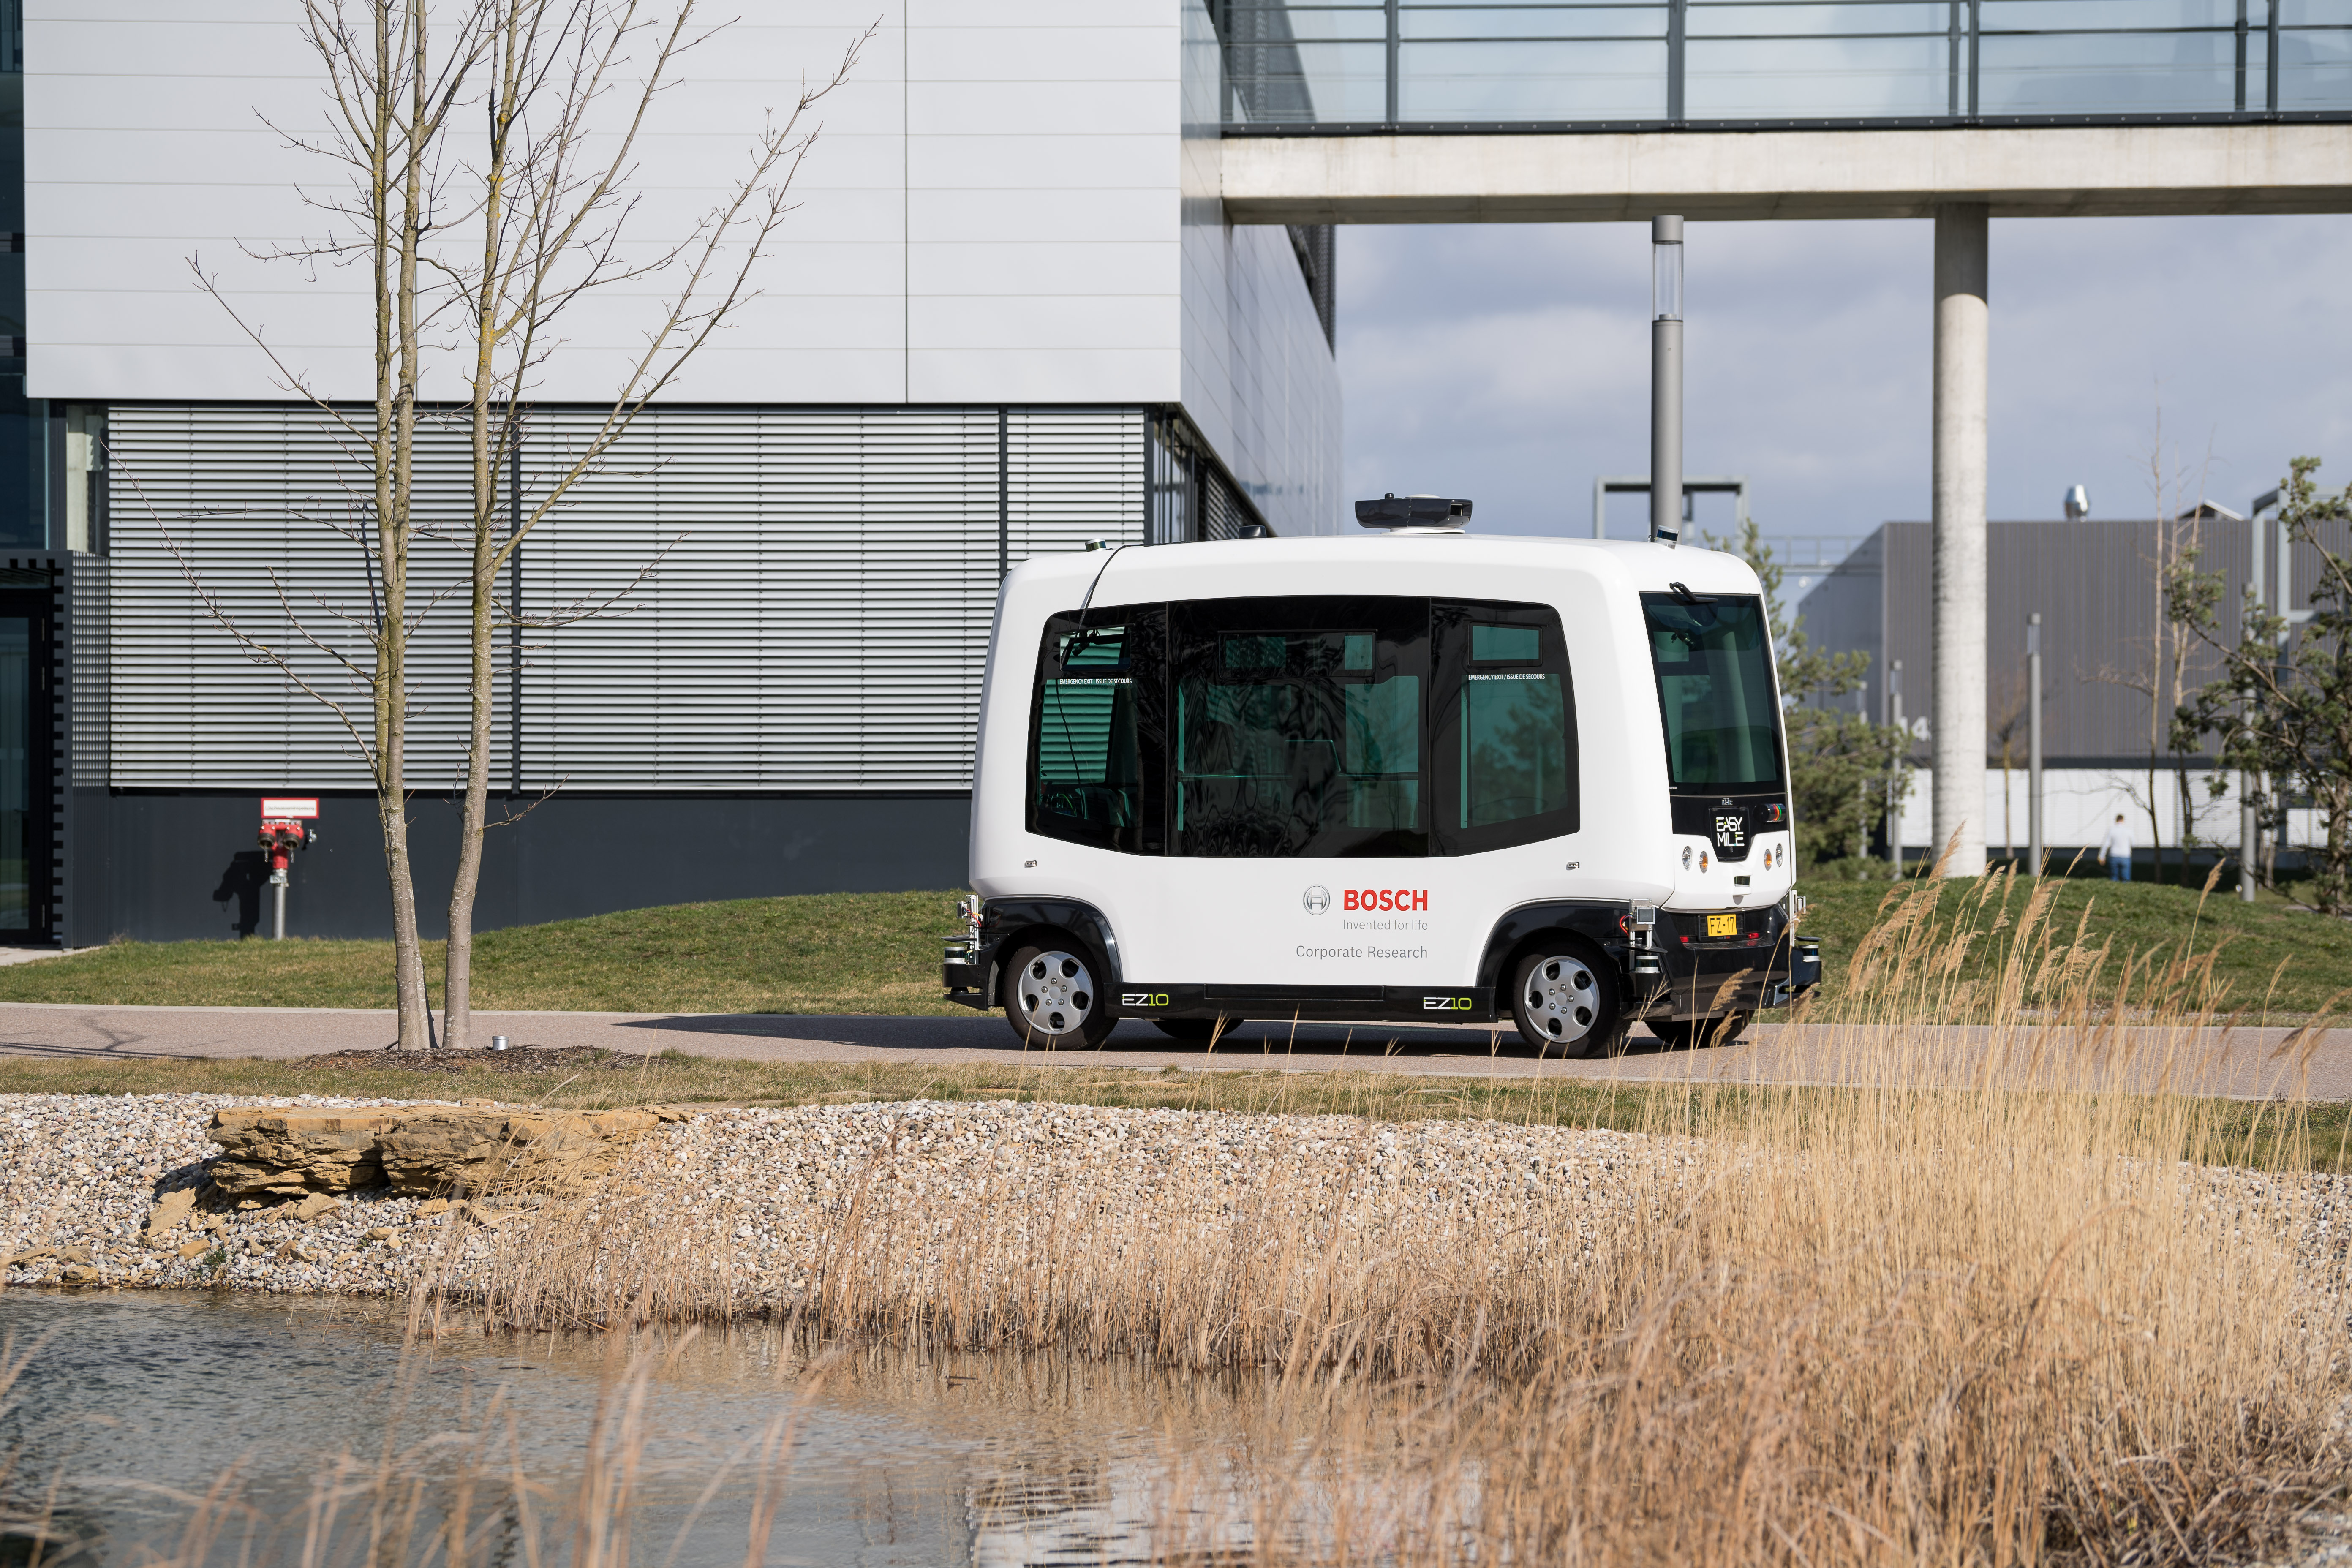 Projekt 3F predstavuje výsledky automatizované jazdy pri nízkej rýchlosti.